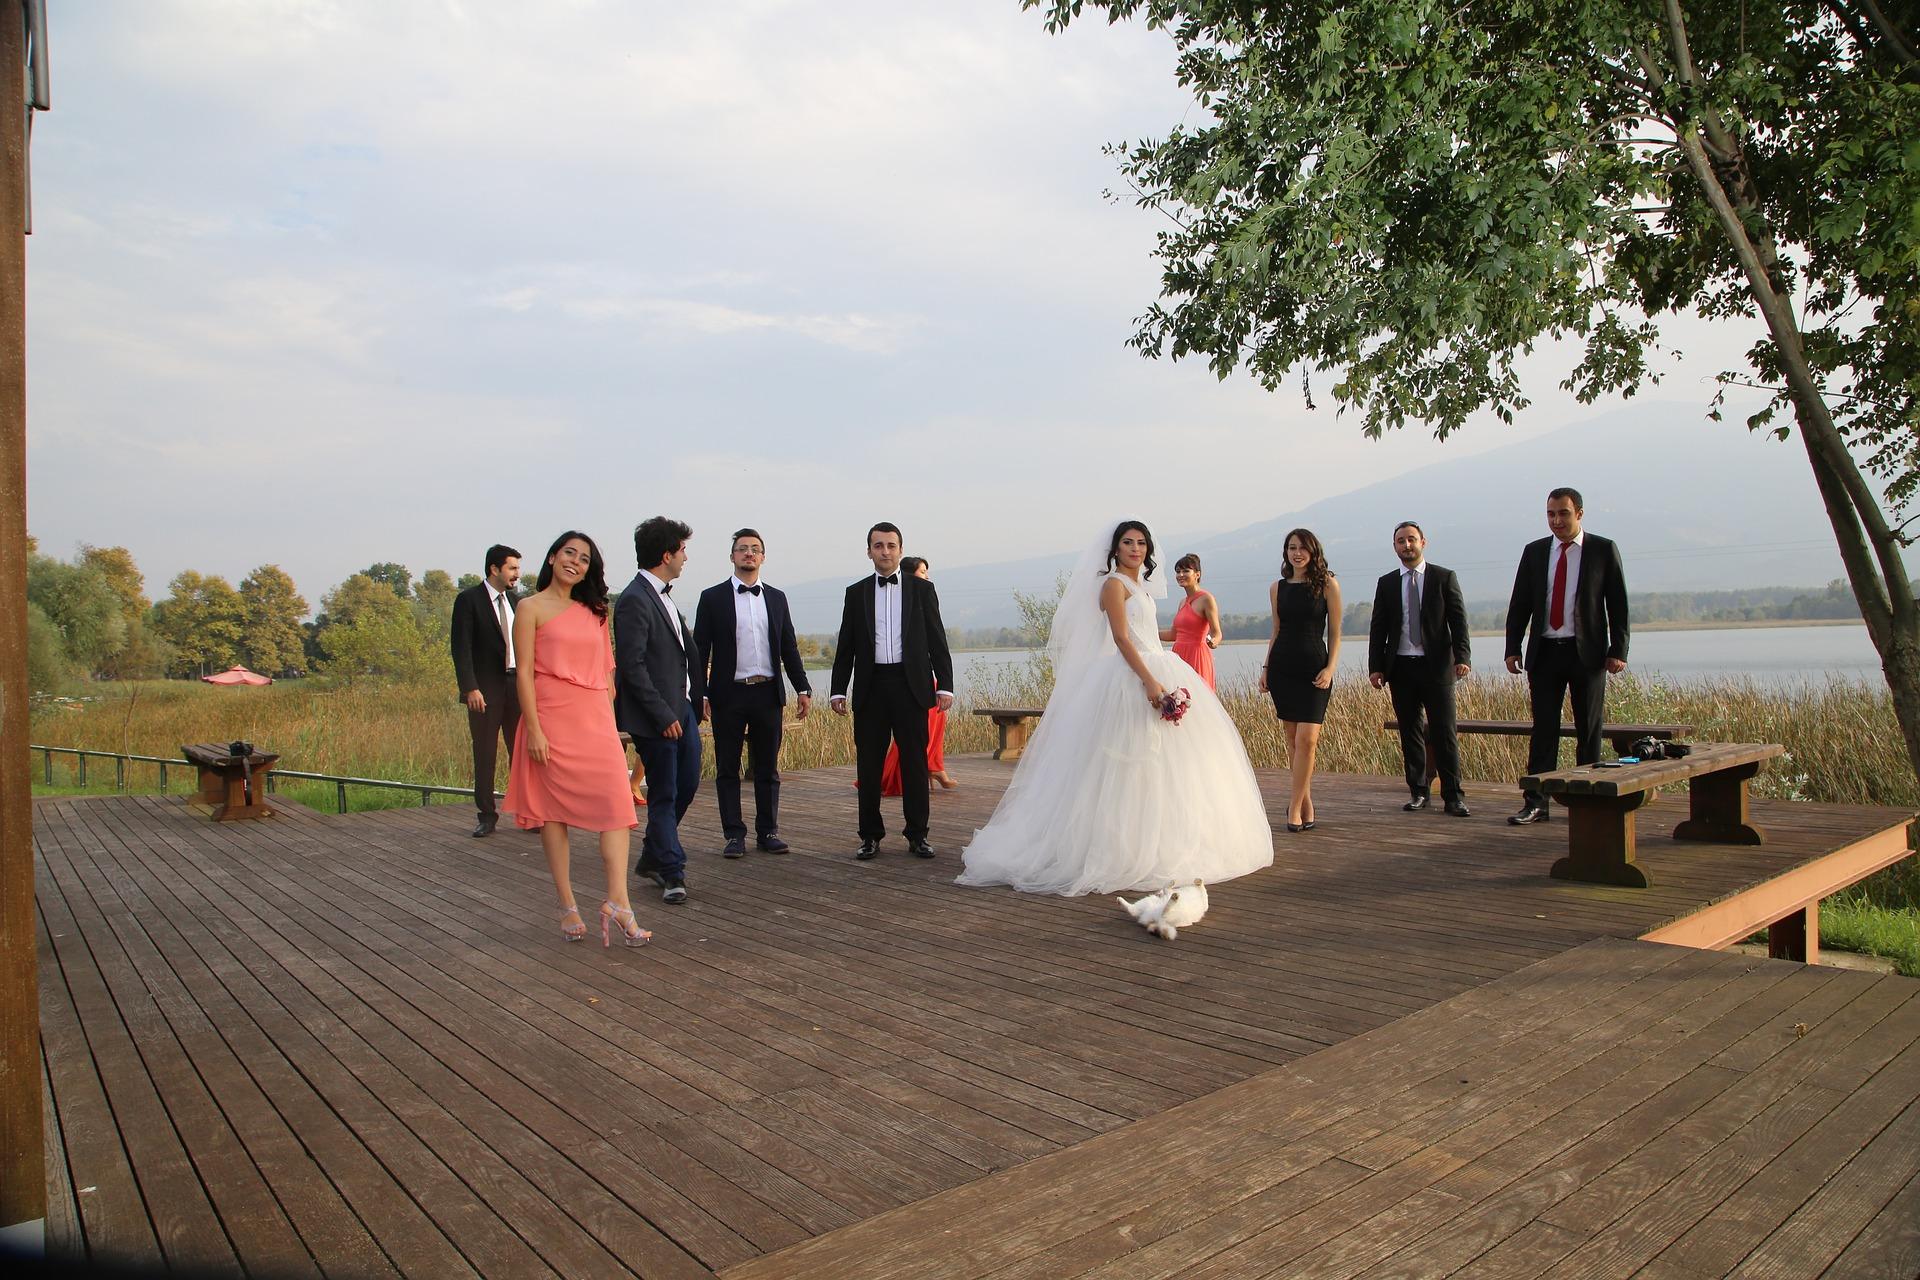 dinamizar invitados a la boda